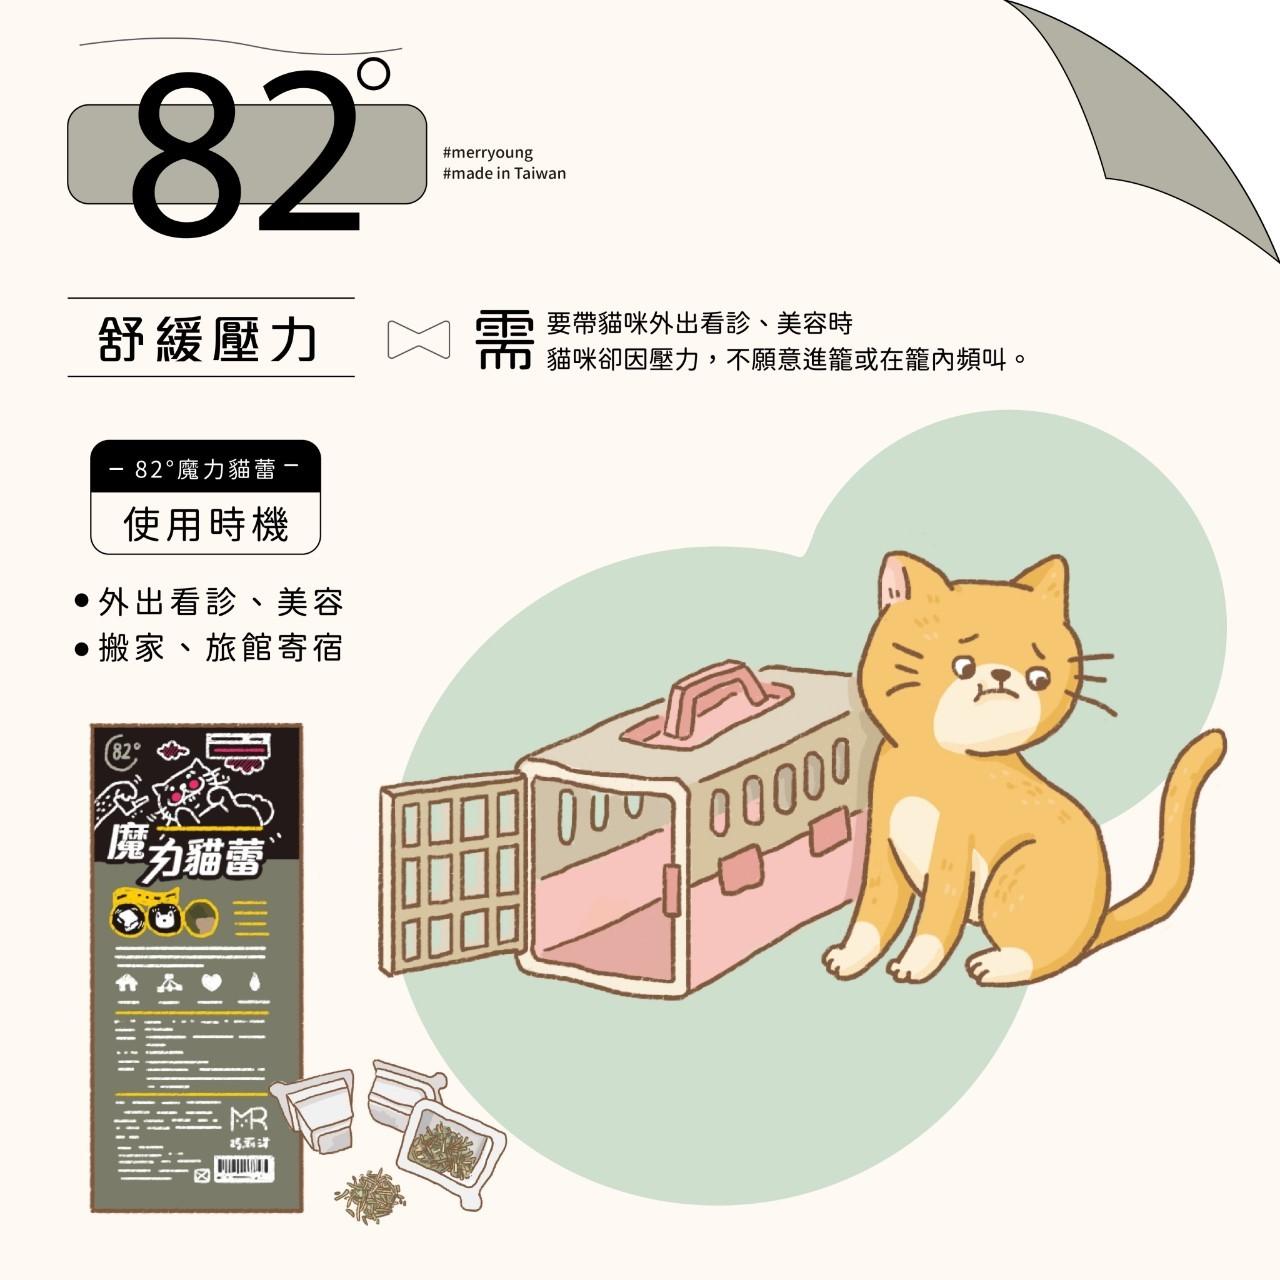 魔力貓蕾 天然貓費洛蒙 貓草萃取顆粒 幫助貓咪安穩情緒 舒緩壓力 環境適應 促進食慾